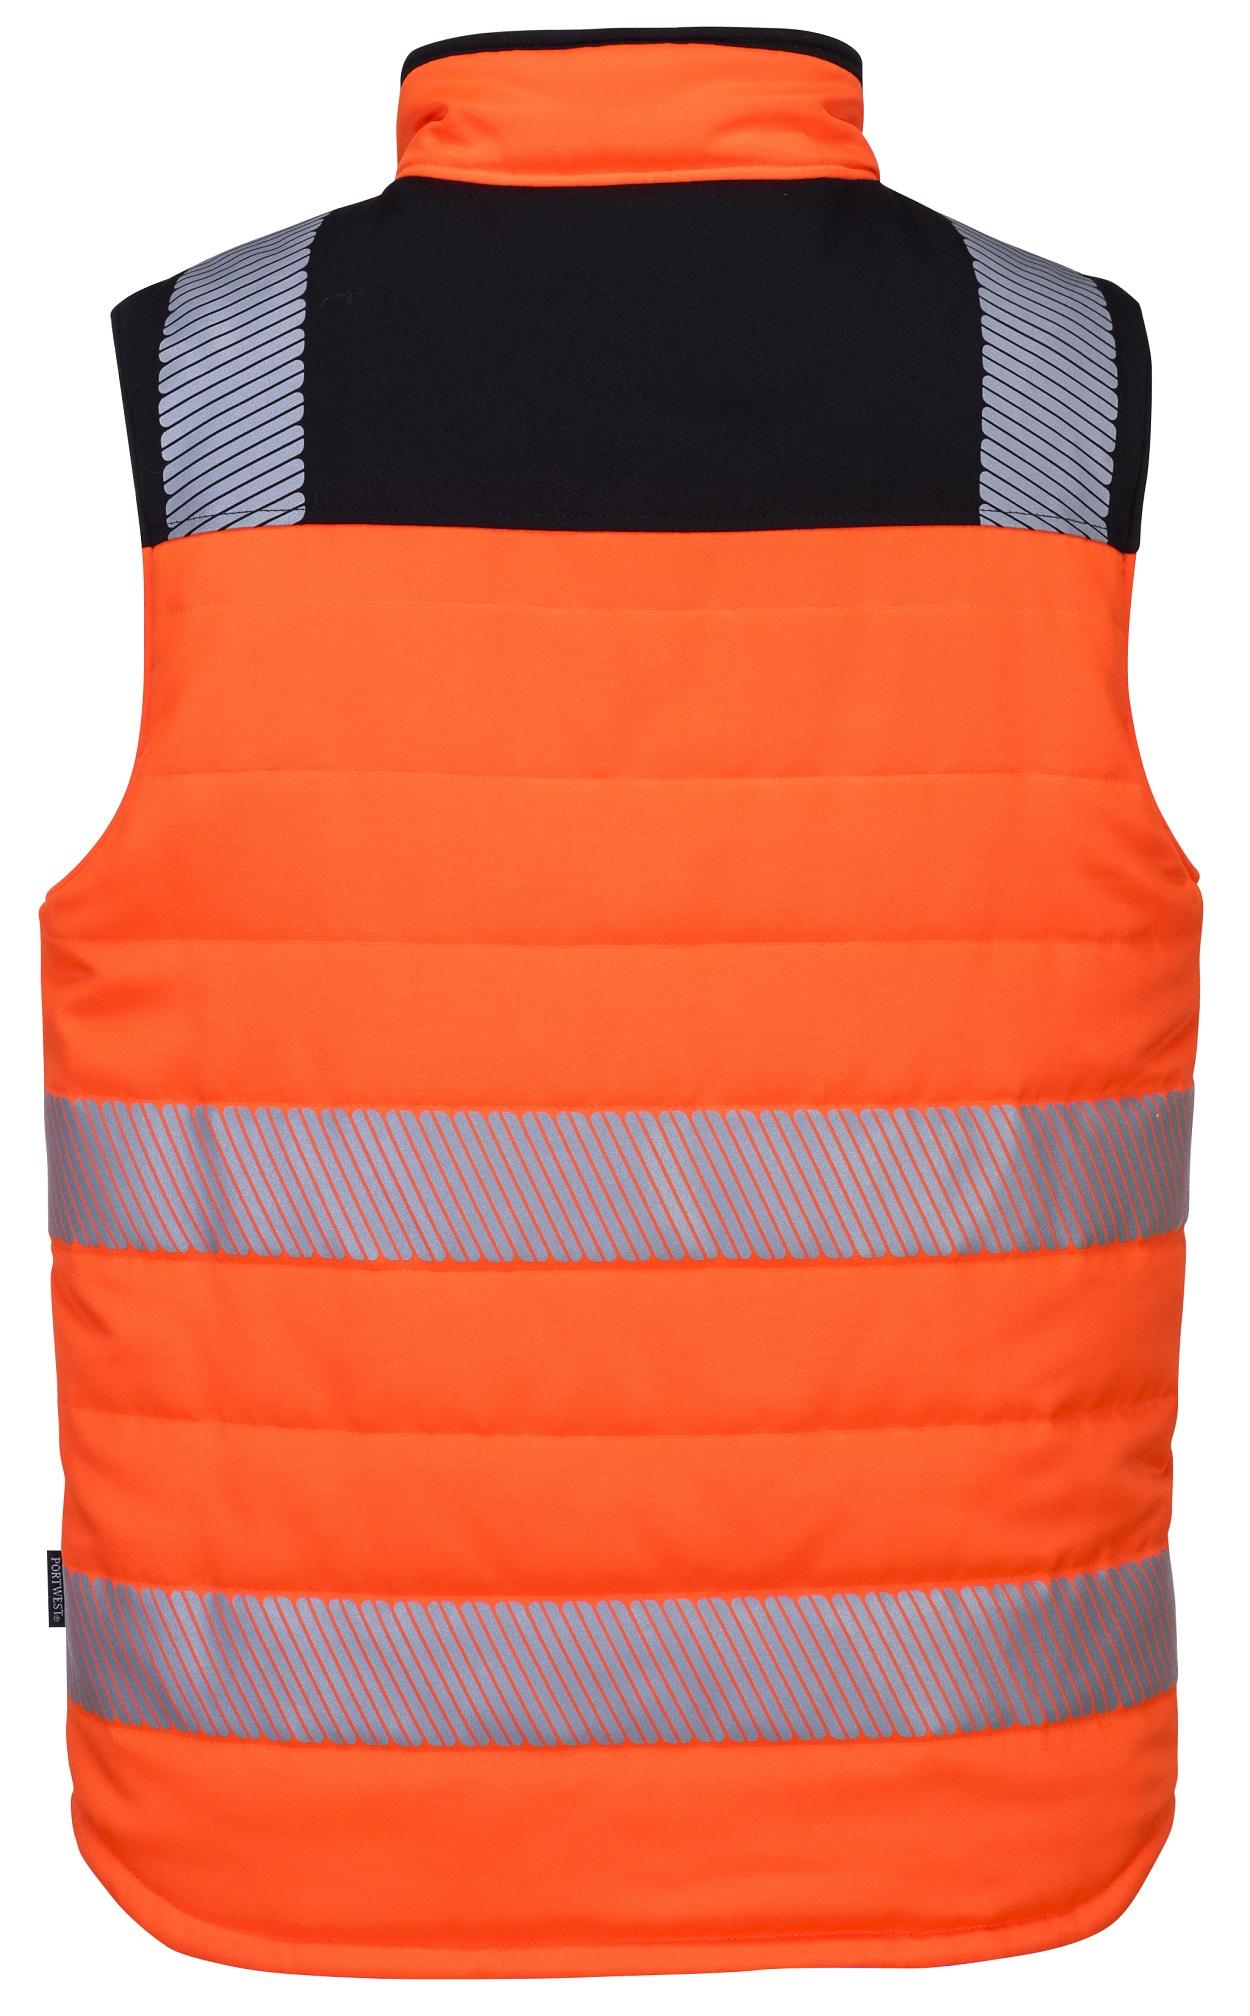 PW37-orange-spate